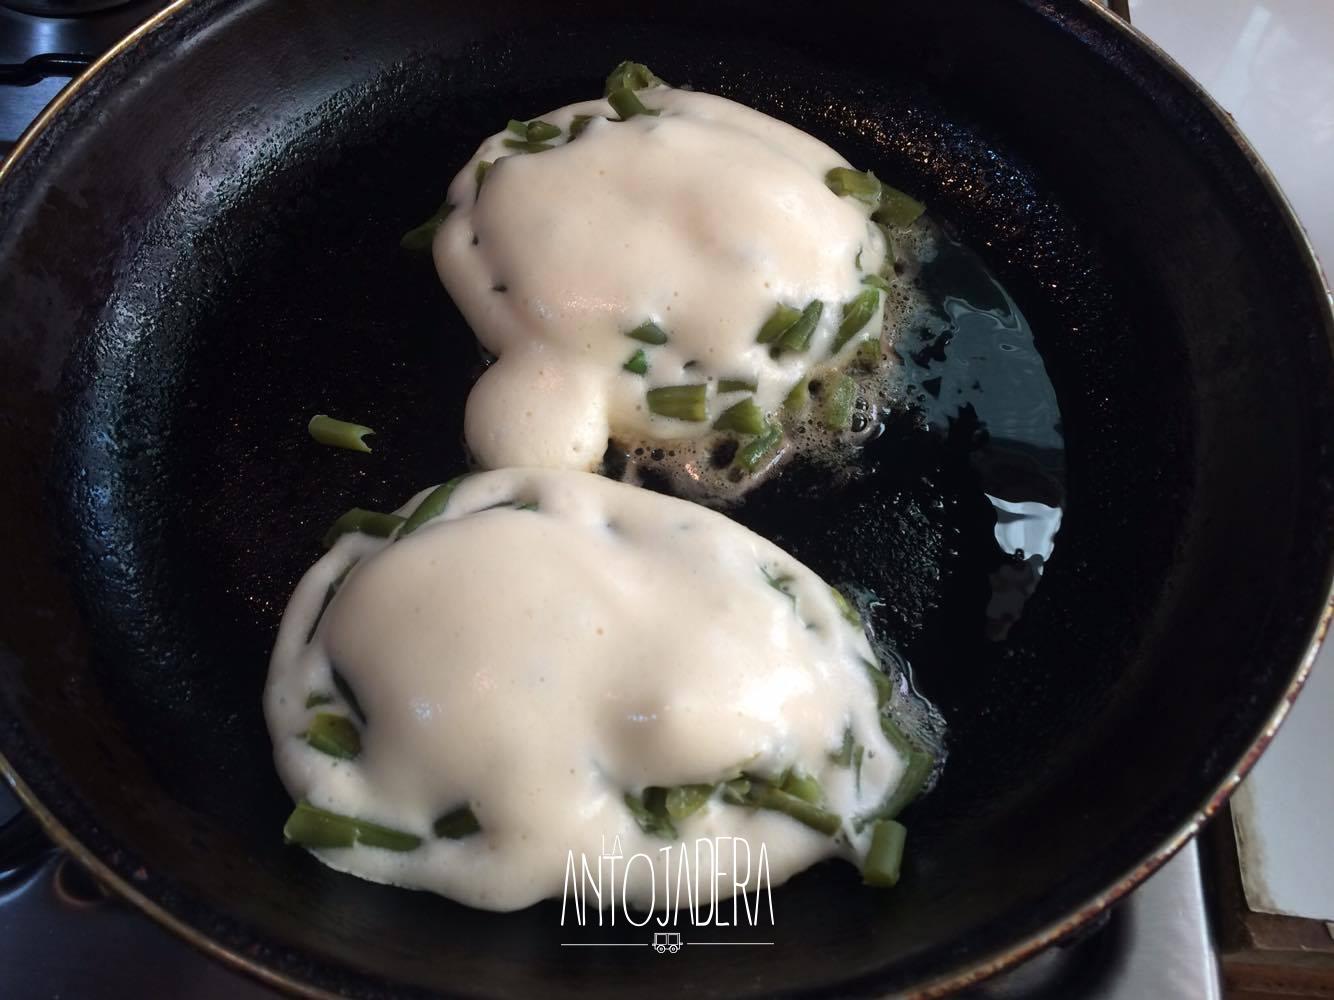 La Antojadera | Tortitas de Ejotes con Huevo en Caldillo de Jitomate